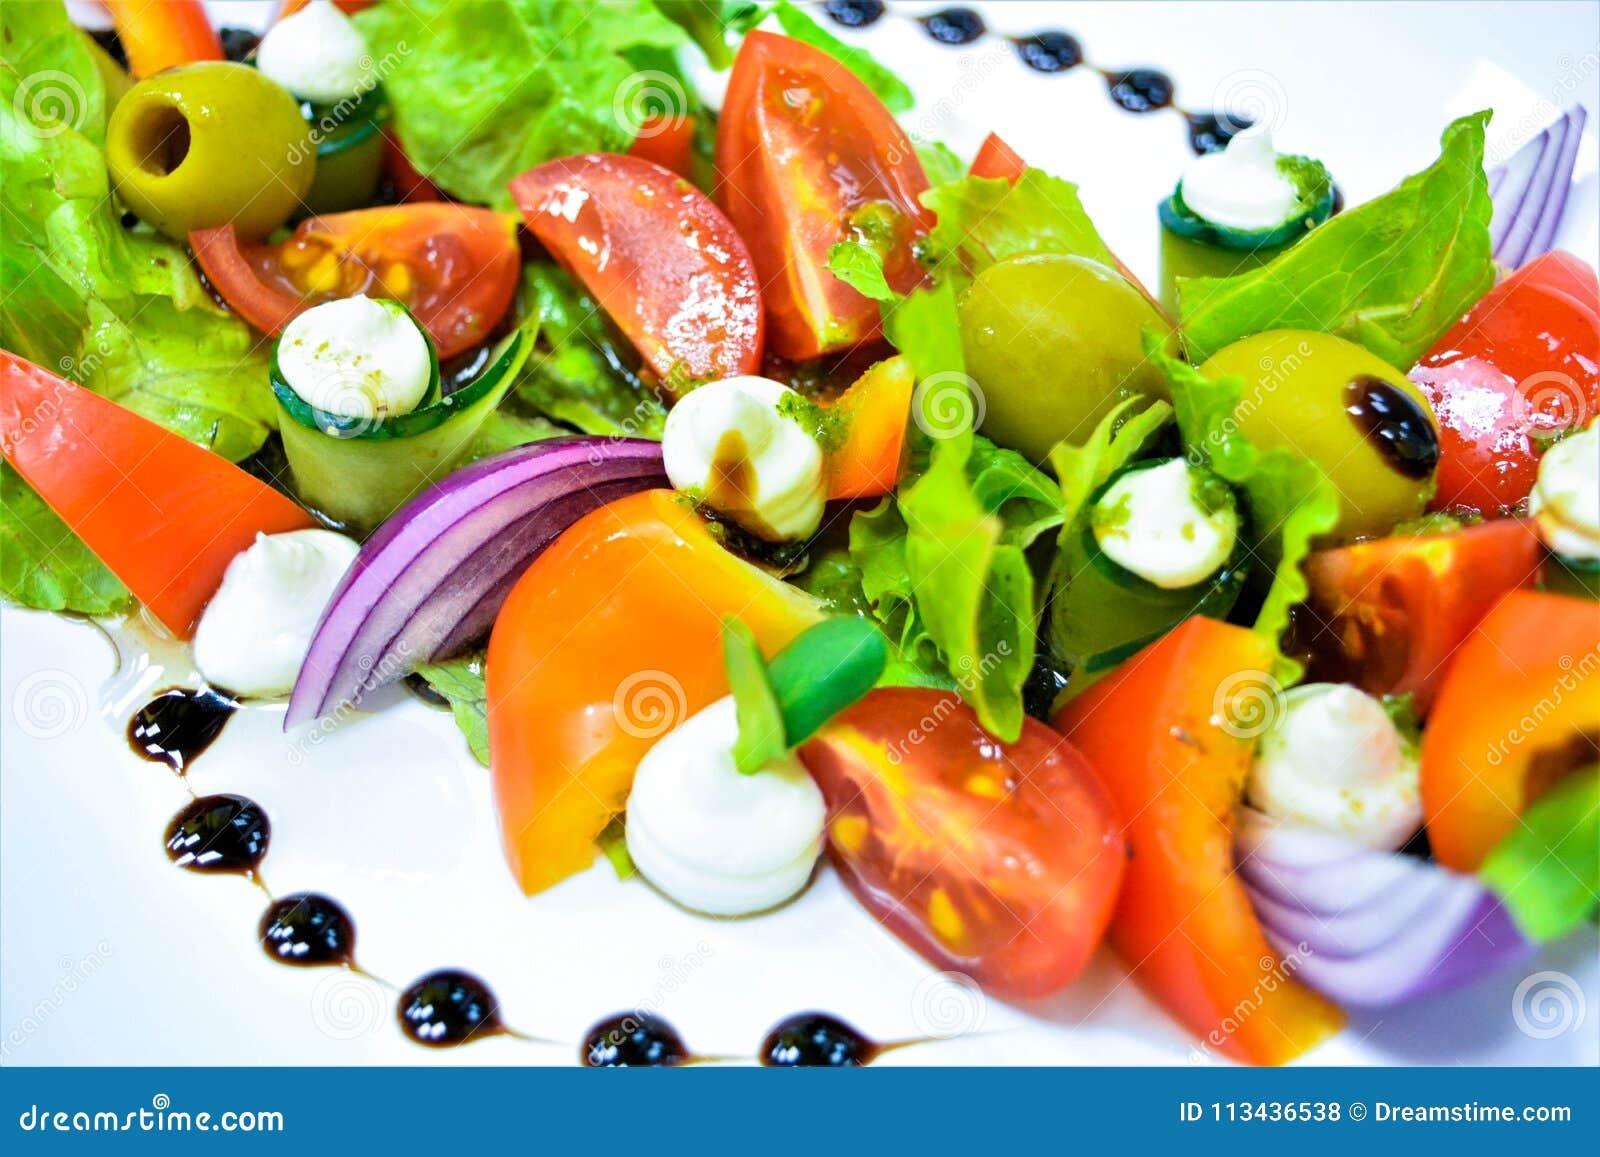 Griekse salade met kaas